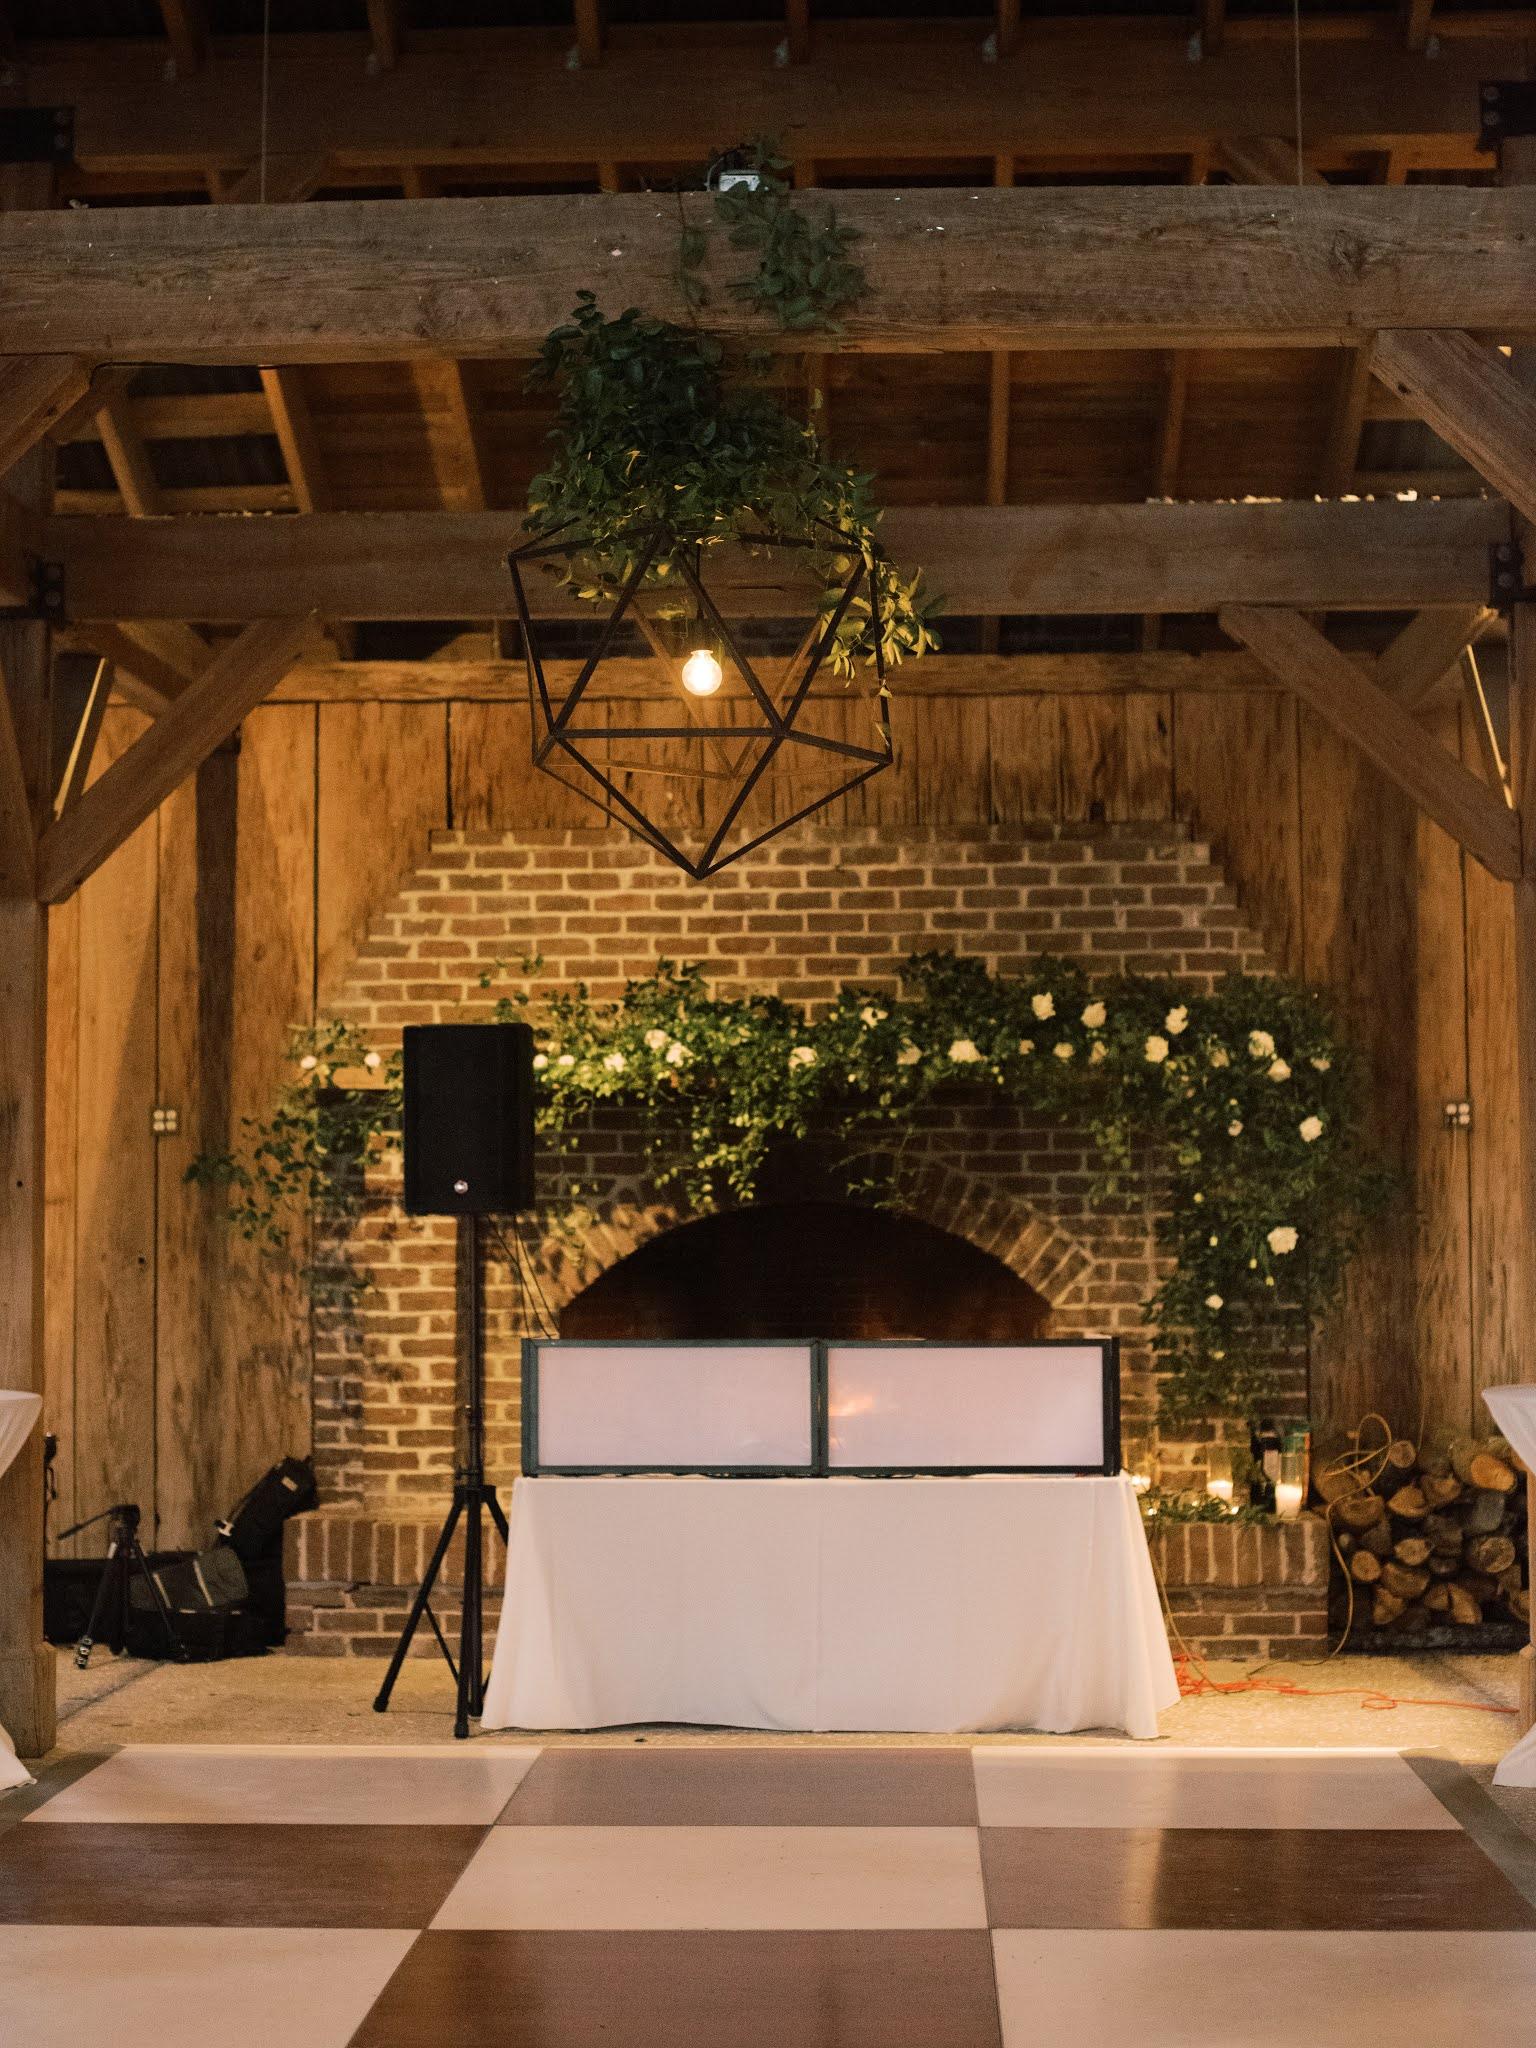 Charleston Wedding Rentals Dance Floor - Chasing Cinderella